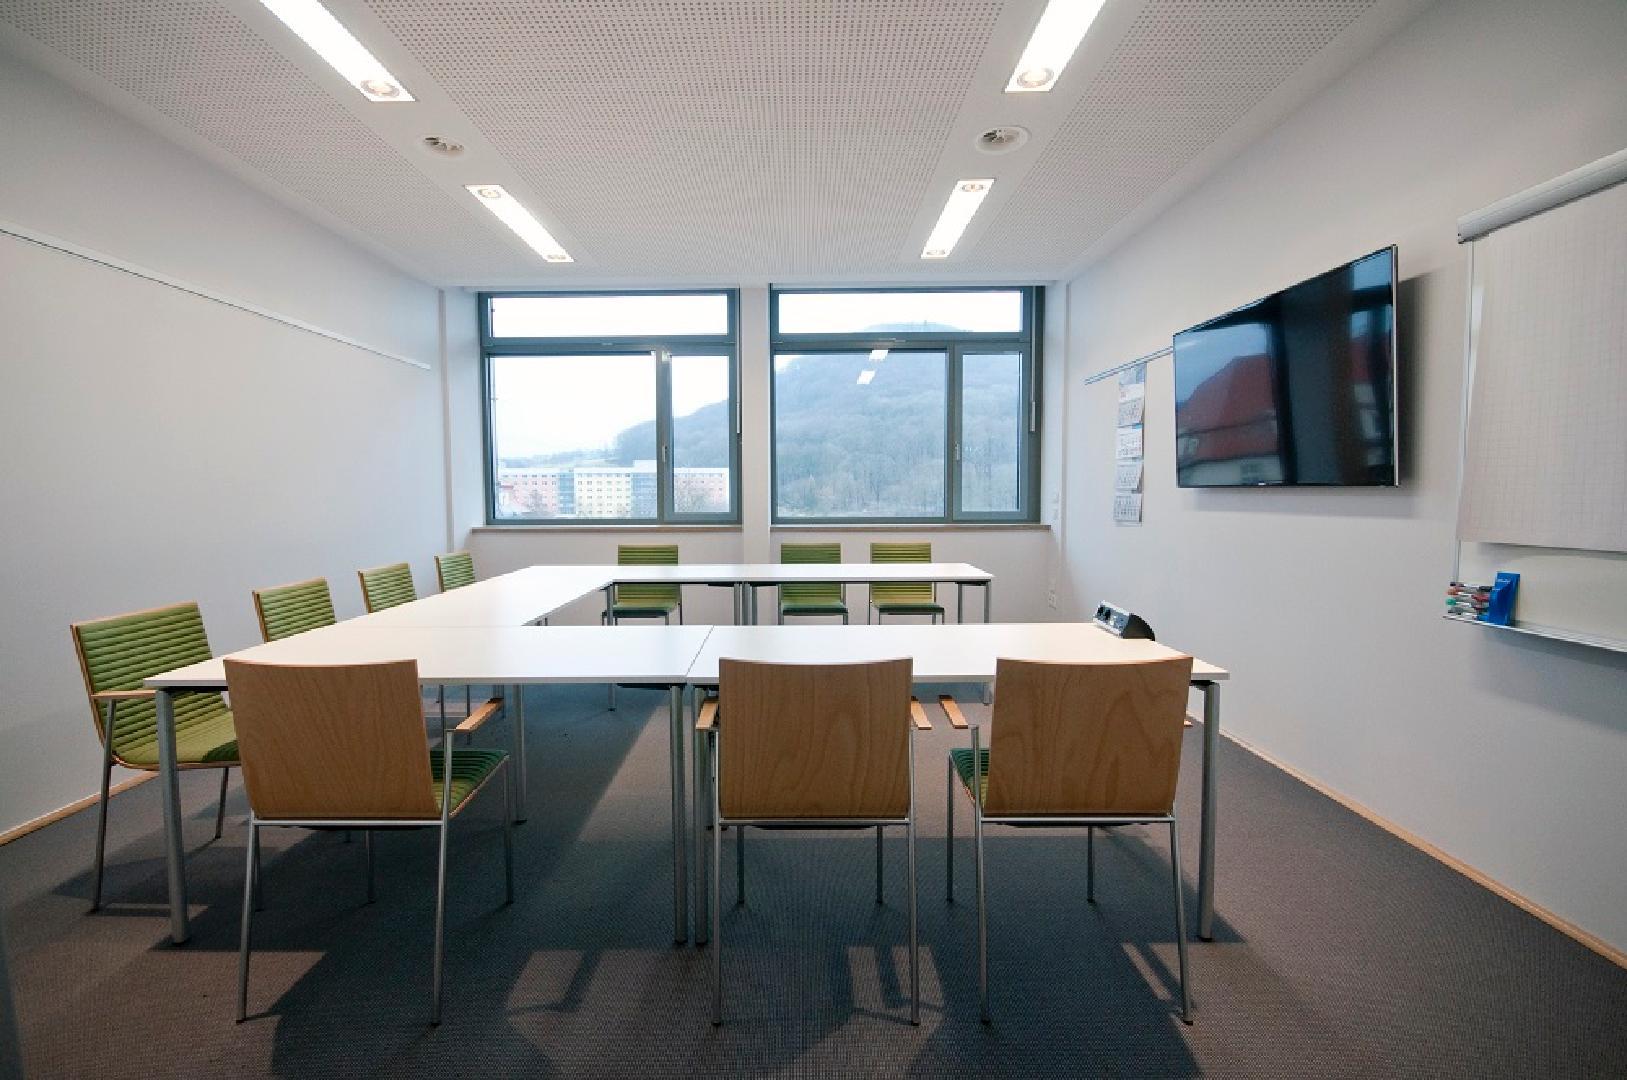 Picture 3 of Technologie- und Gründerzentrum